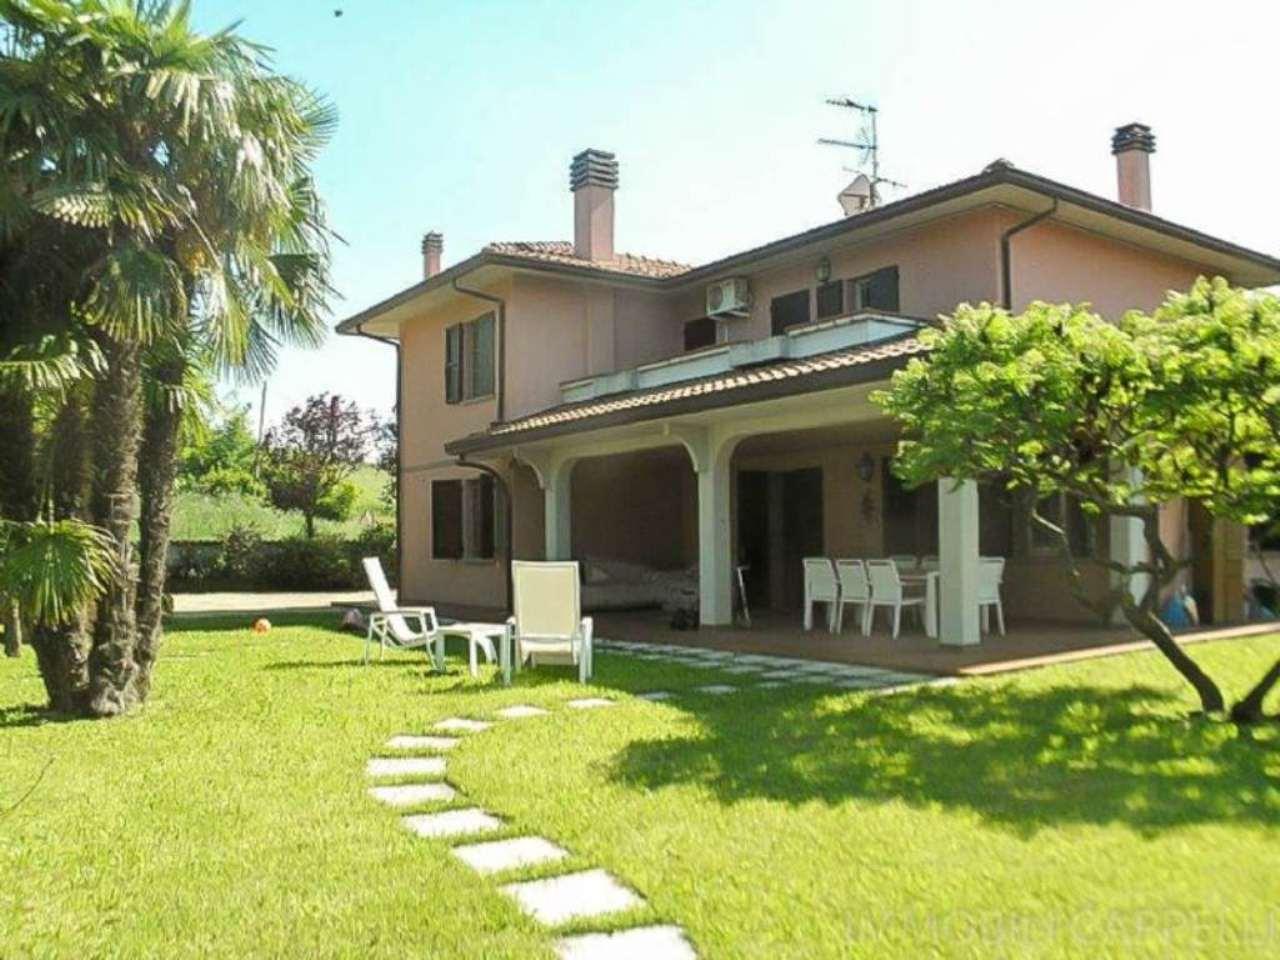 Villa in vendita a Bertinoro, 7 locali, prezzo € 495.000 | CambioCasa.it